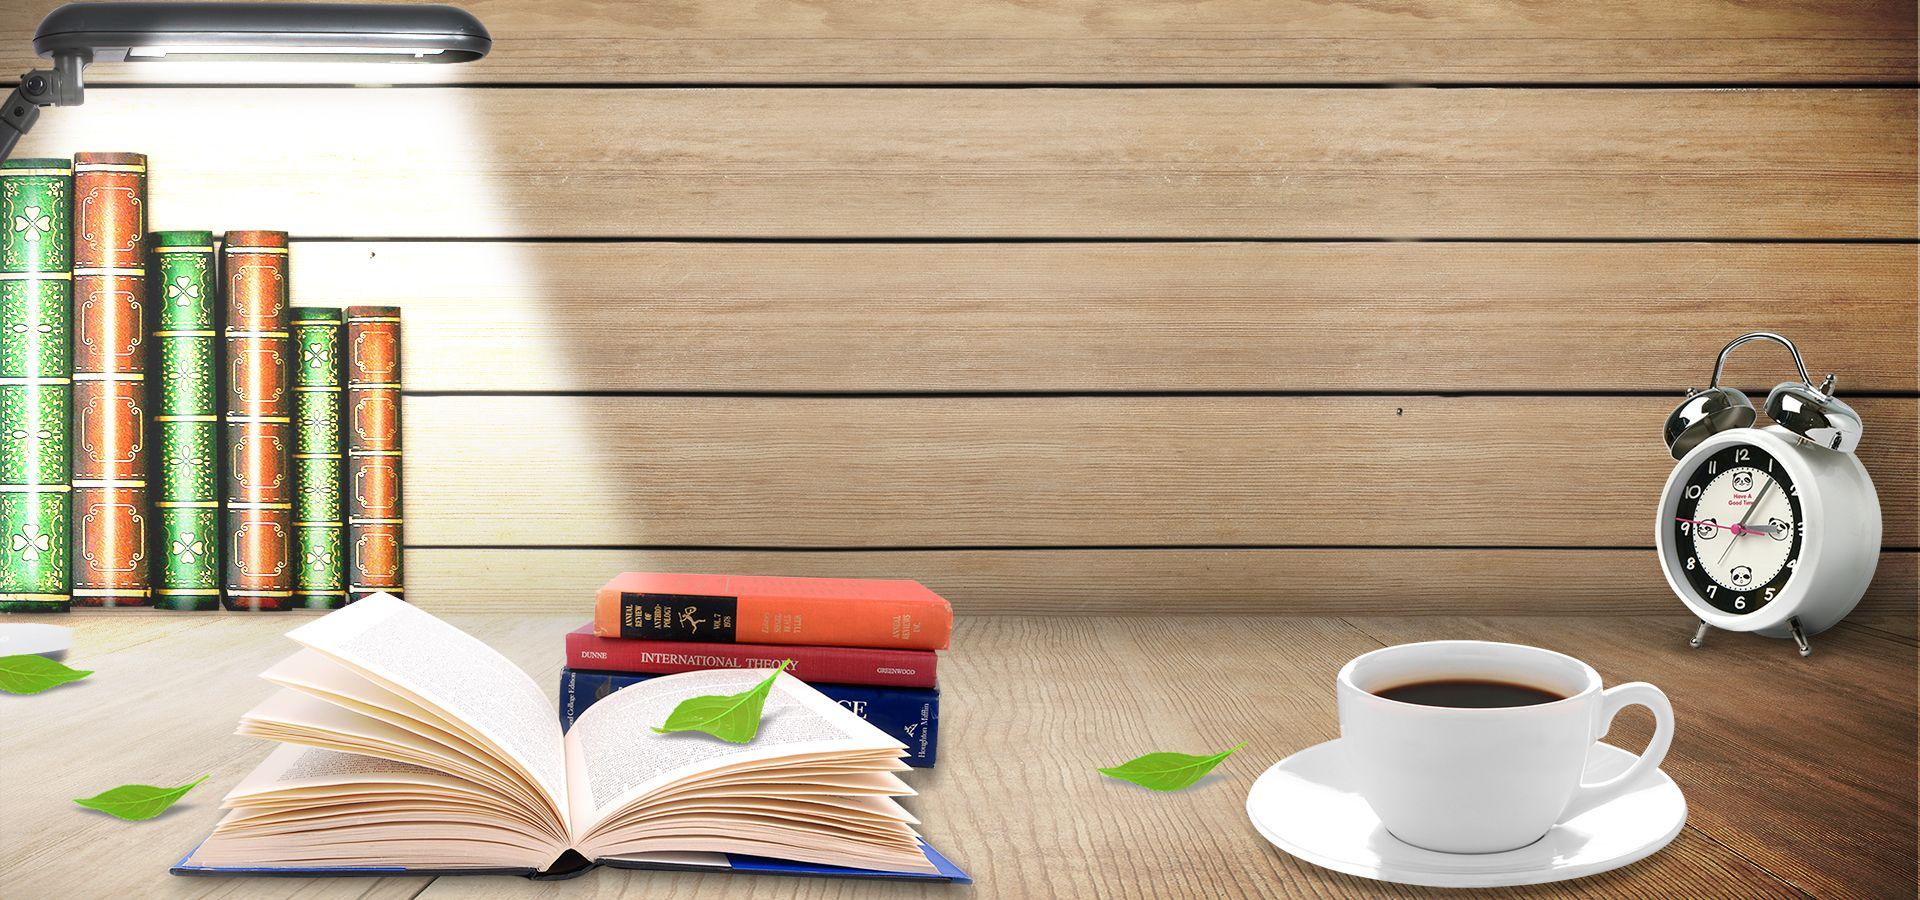 كتب التنبيه مصباح طاولة القهوة ملصق شعار Importance Of Education Book Art Paper Background